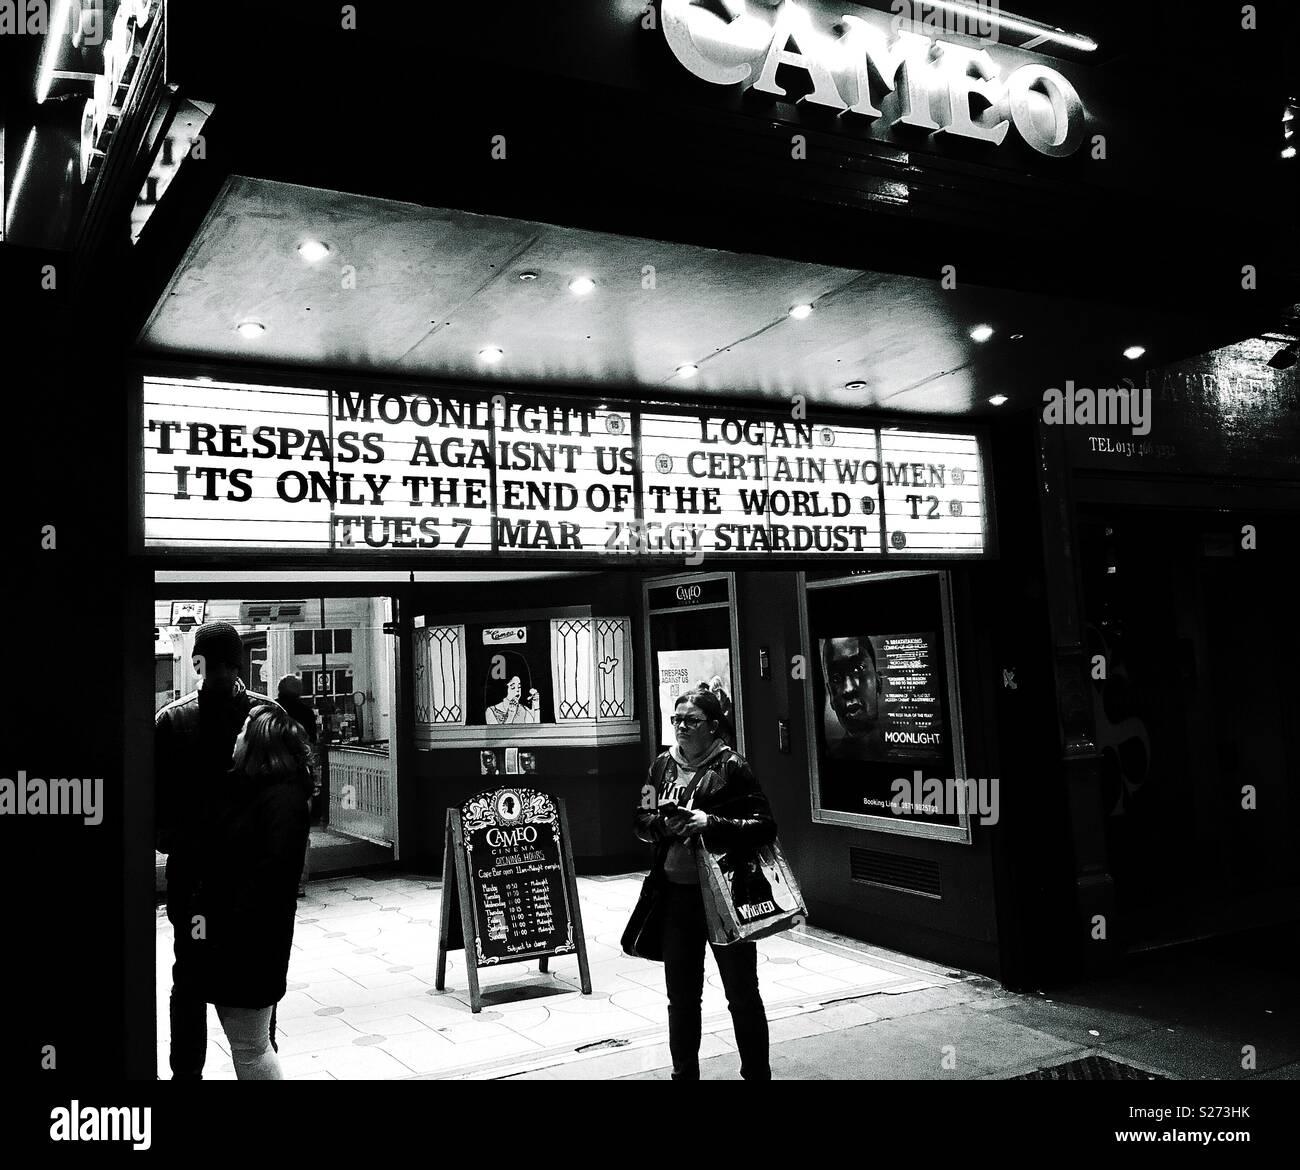 A tarda notte il cinema, persone in attesa Immagini Stock